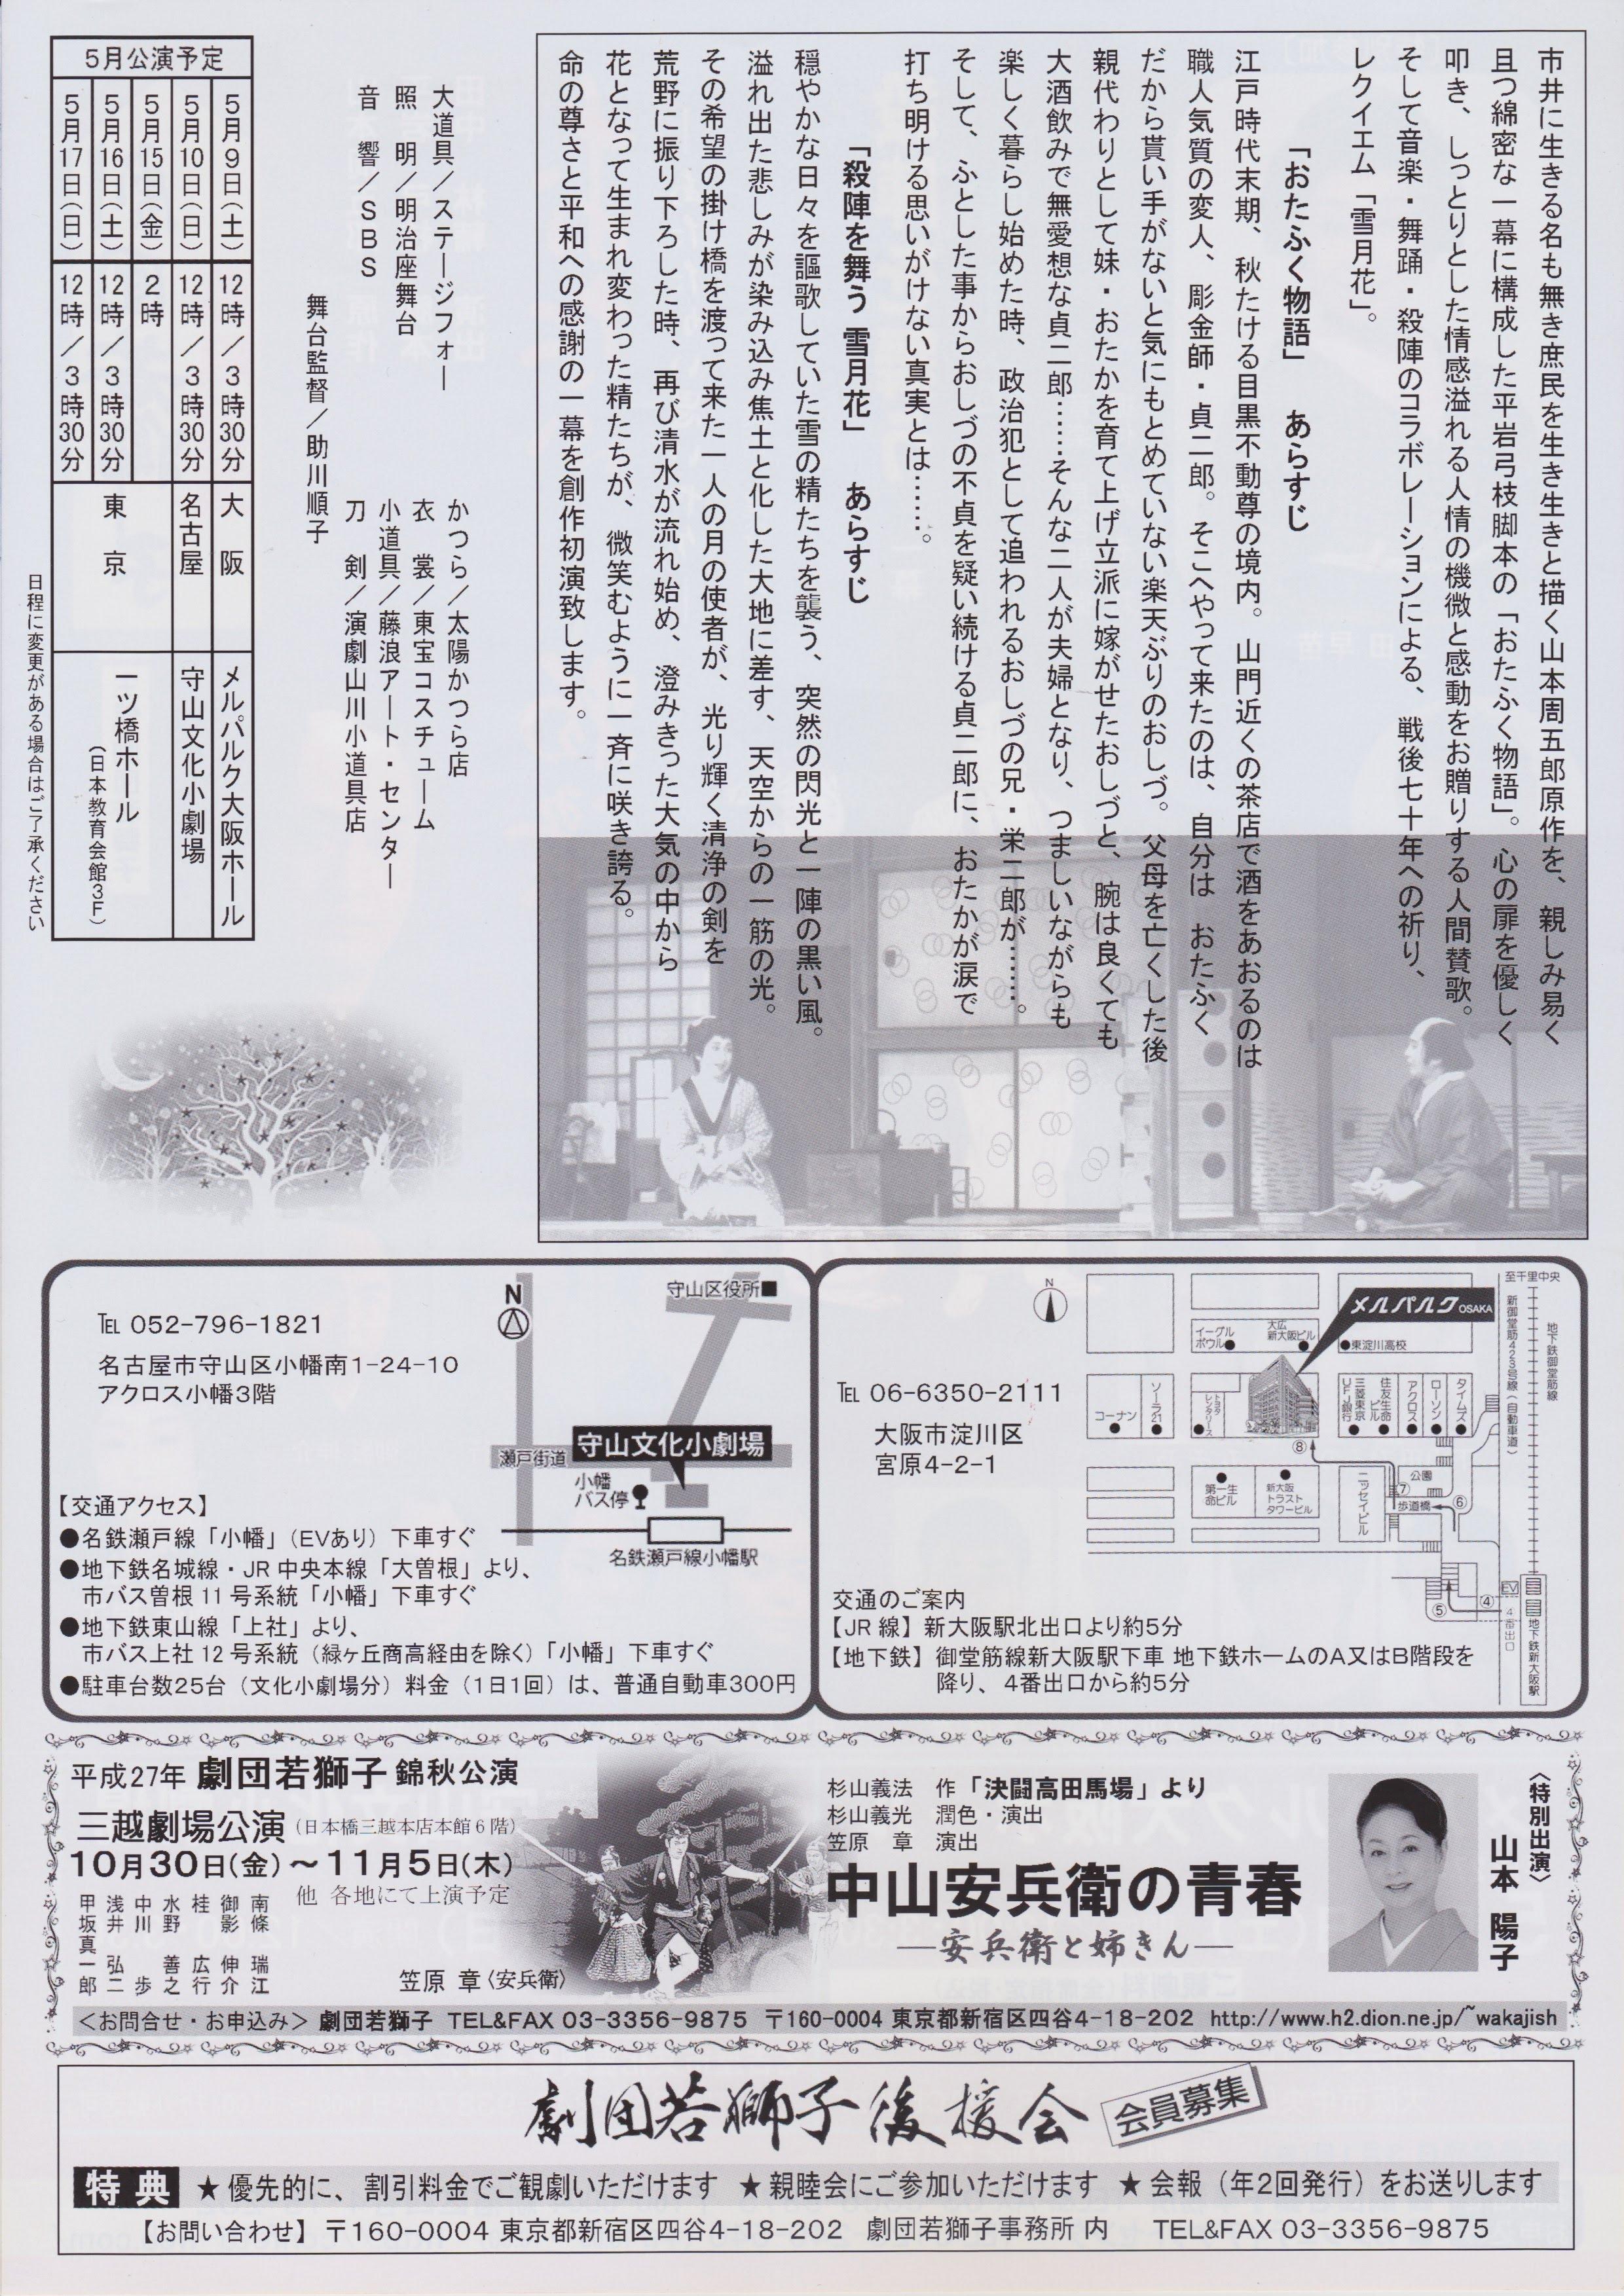 劇団若獅子薫風